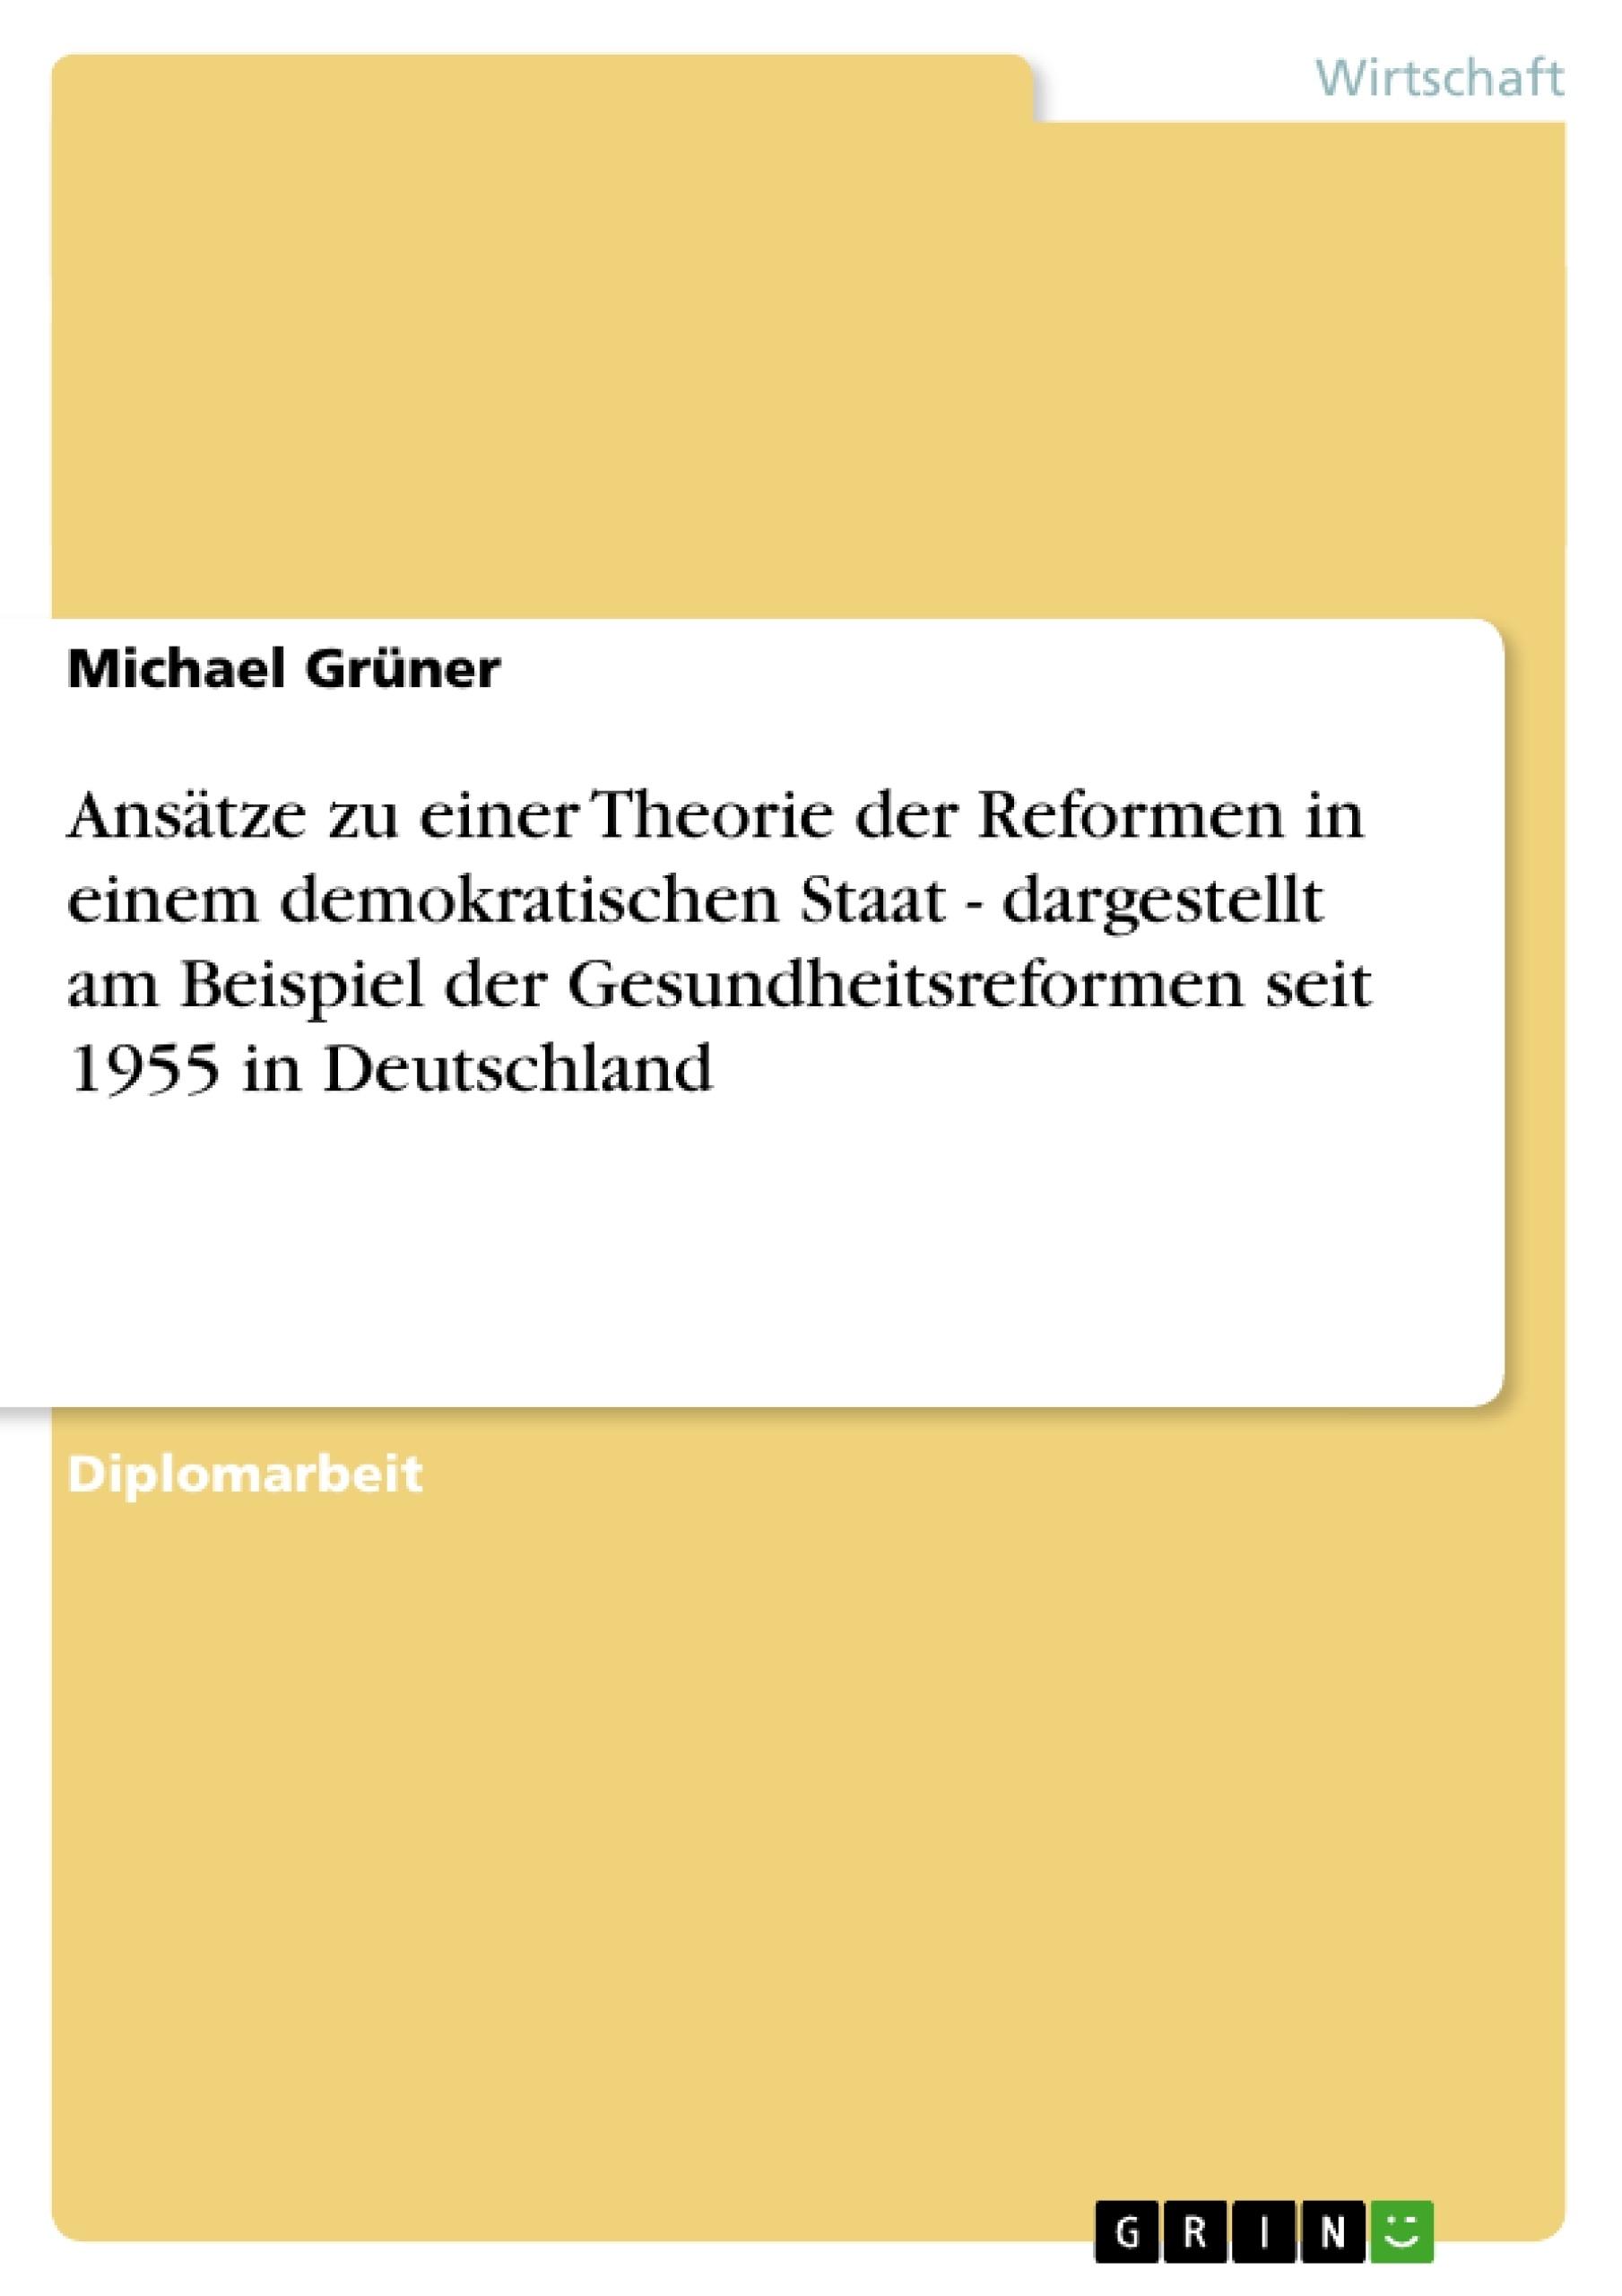 Titel: Ansätze zu einer Theorie der Reformen in einem demokratischen Staat - dargestellt am Beispiel der Gesundheitsreformen seit 1955 in Deutschland